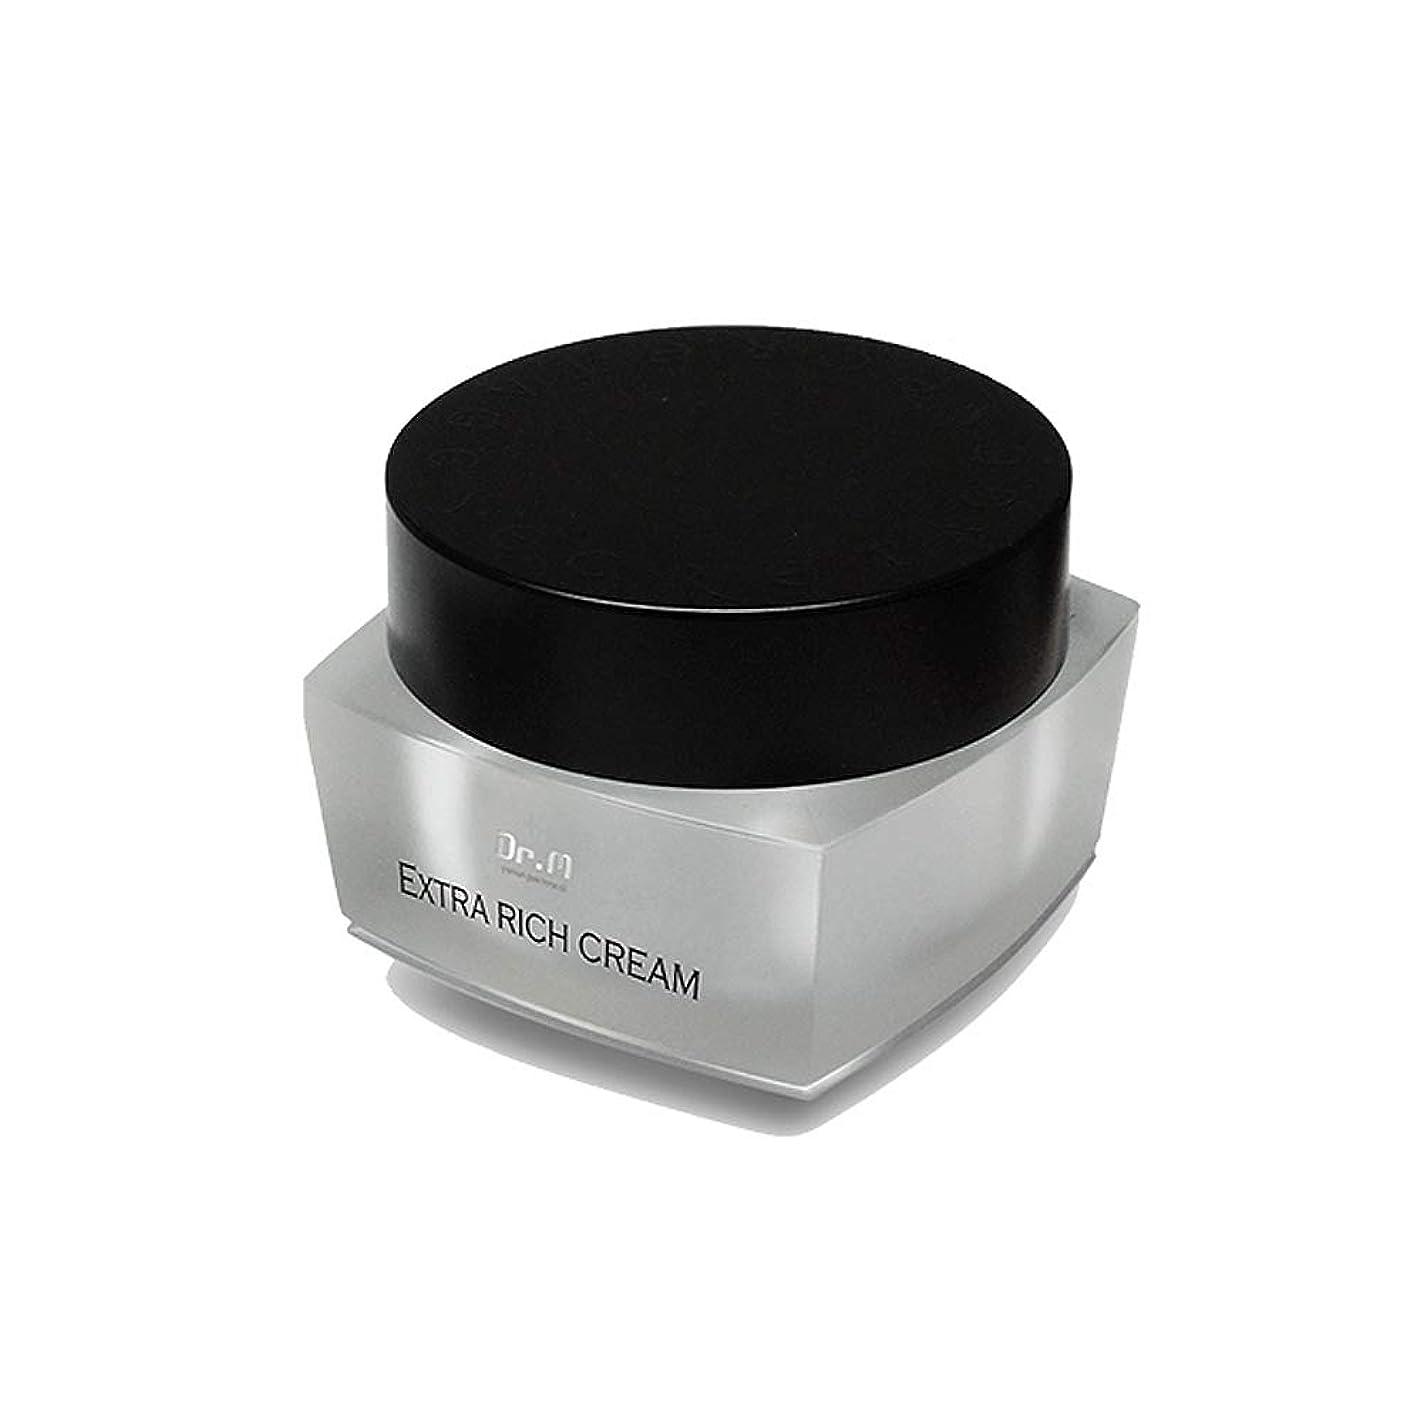 強大な争い楕円形[Dr.M] Extra Rich Cream 馬油 保湿 エクストラ リッチ クリーム [並行輸入品]